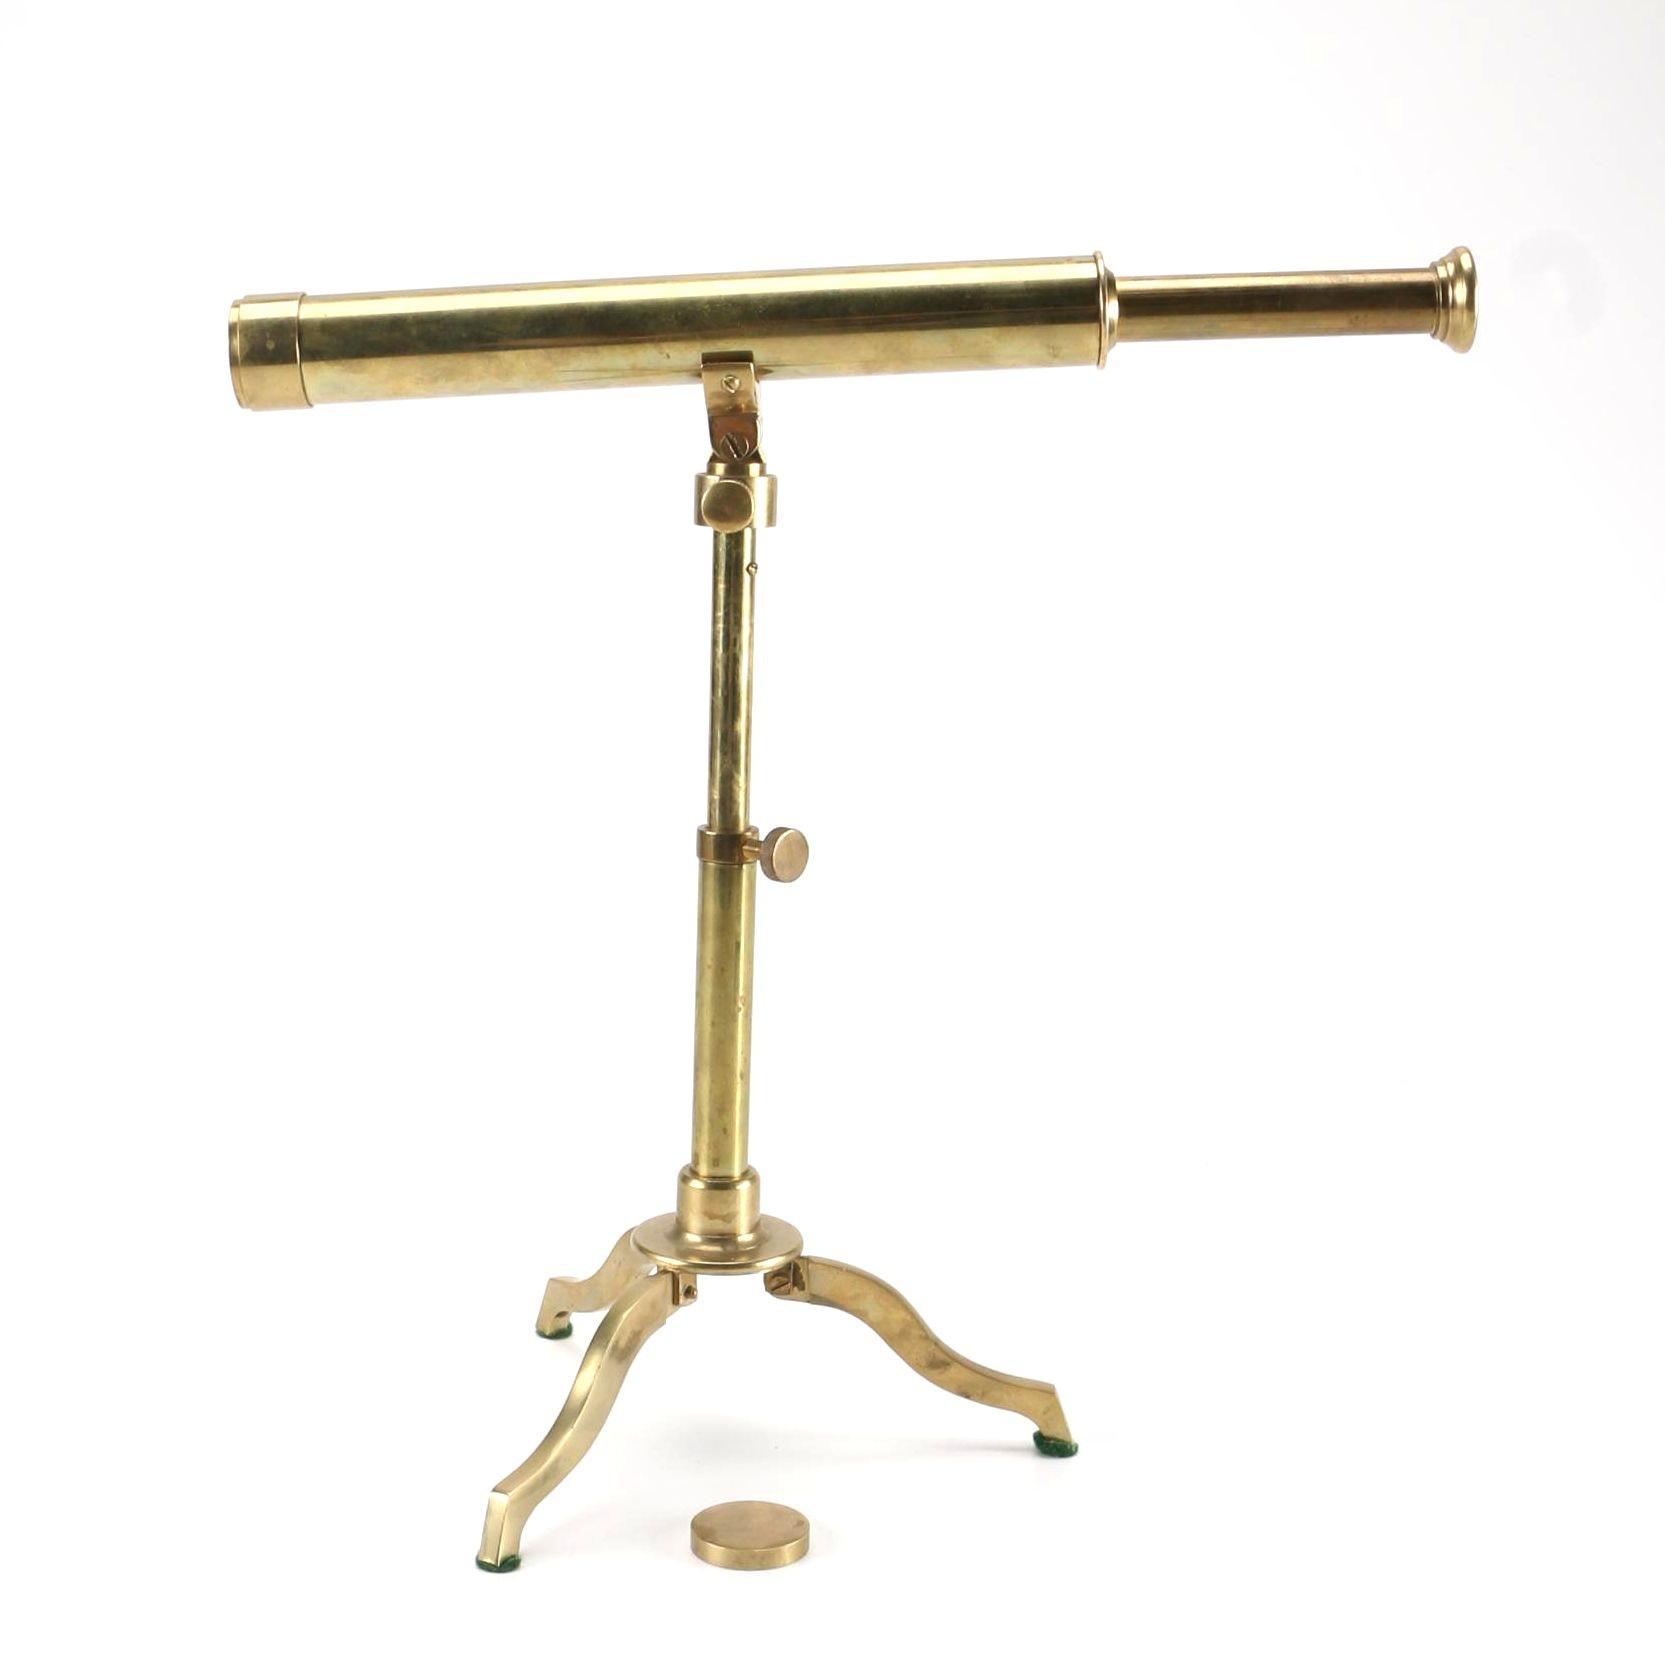 Brass Telescope With Matching Tripod